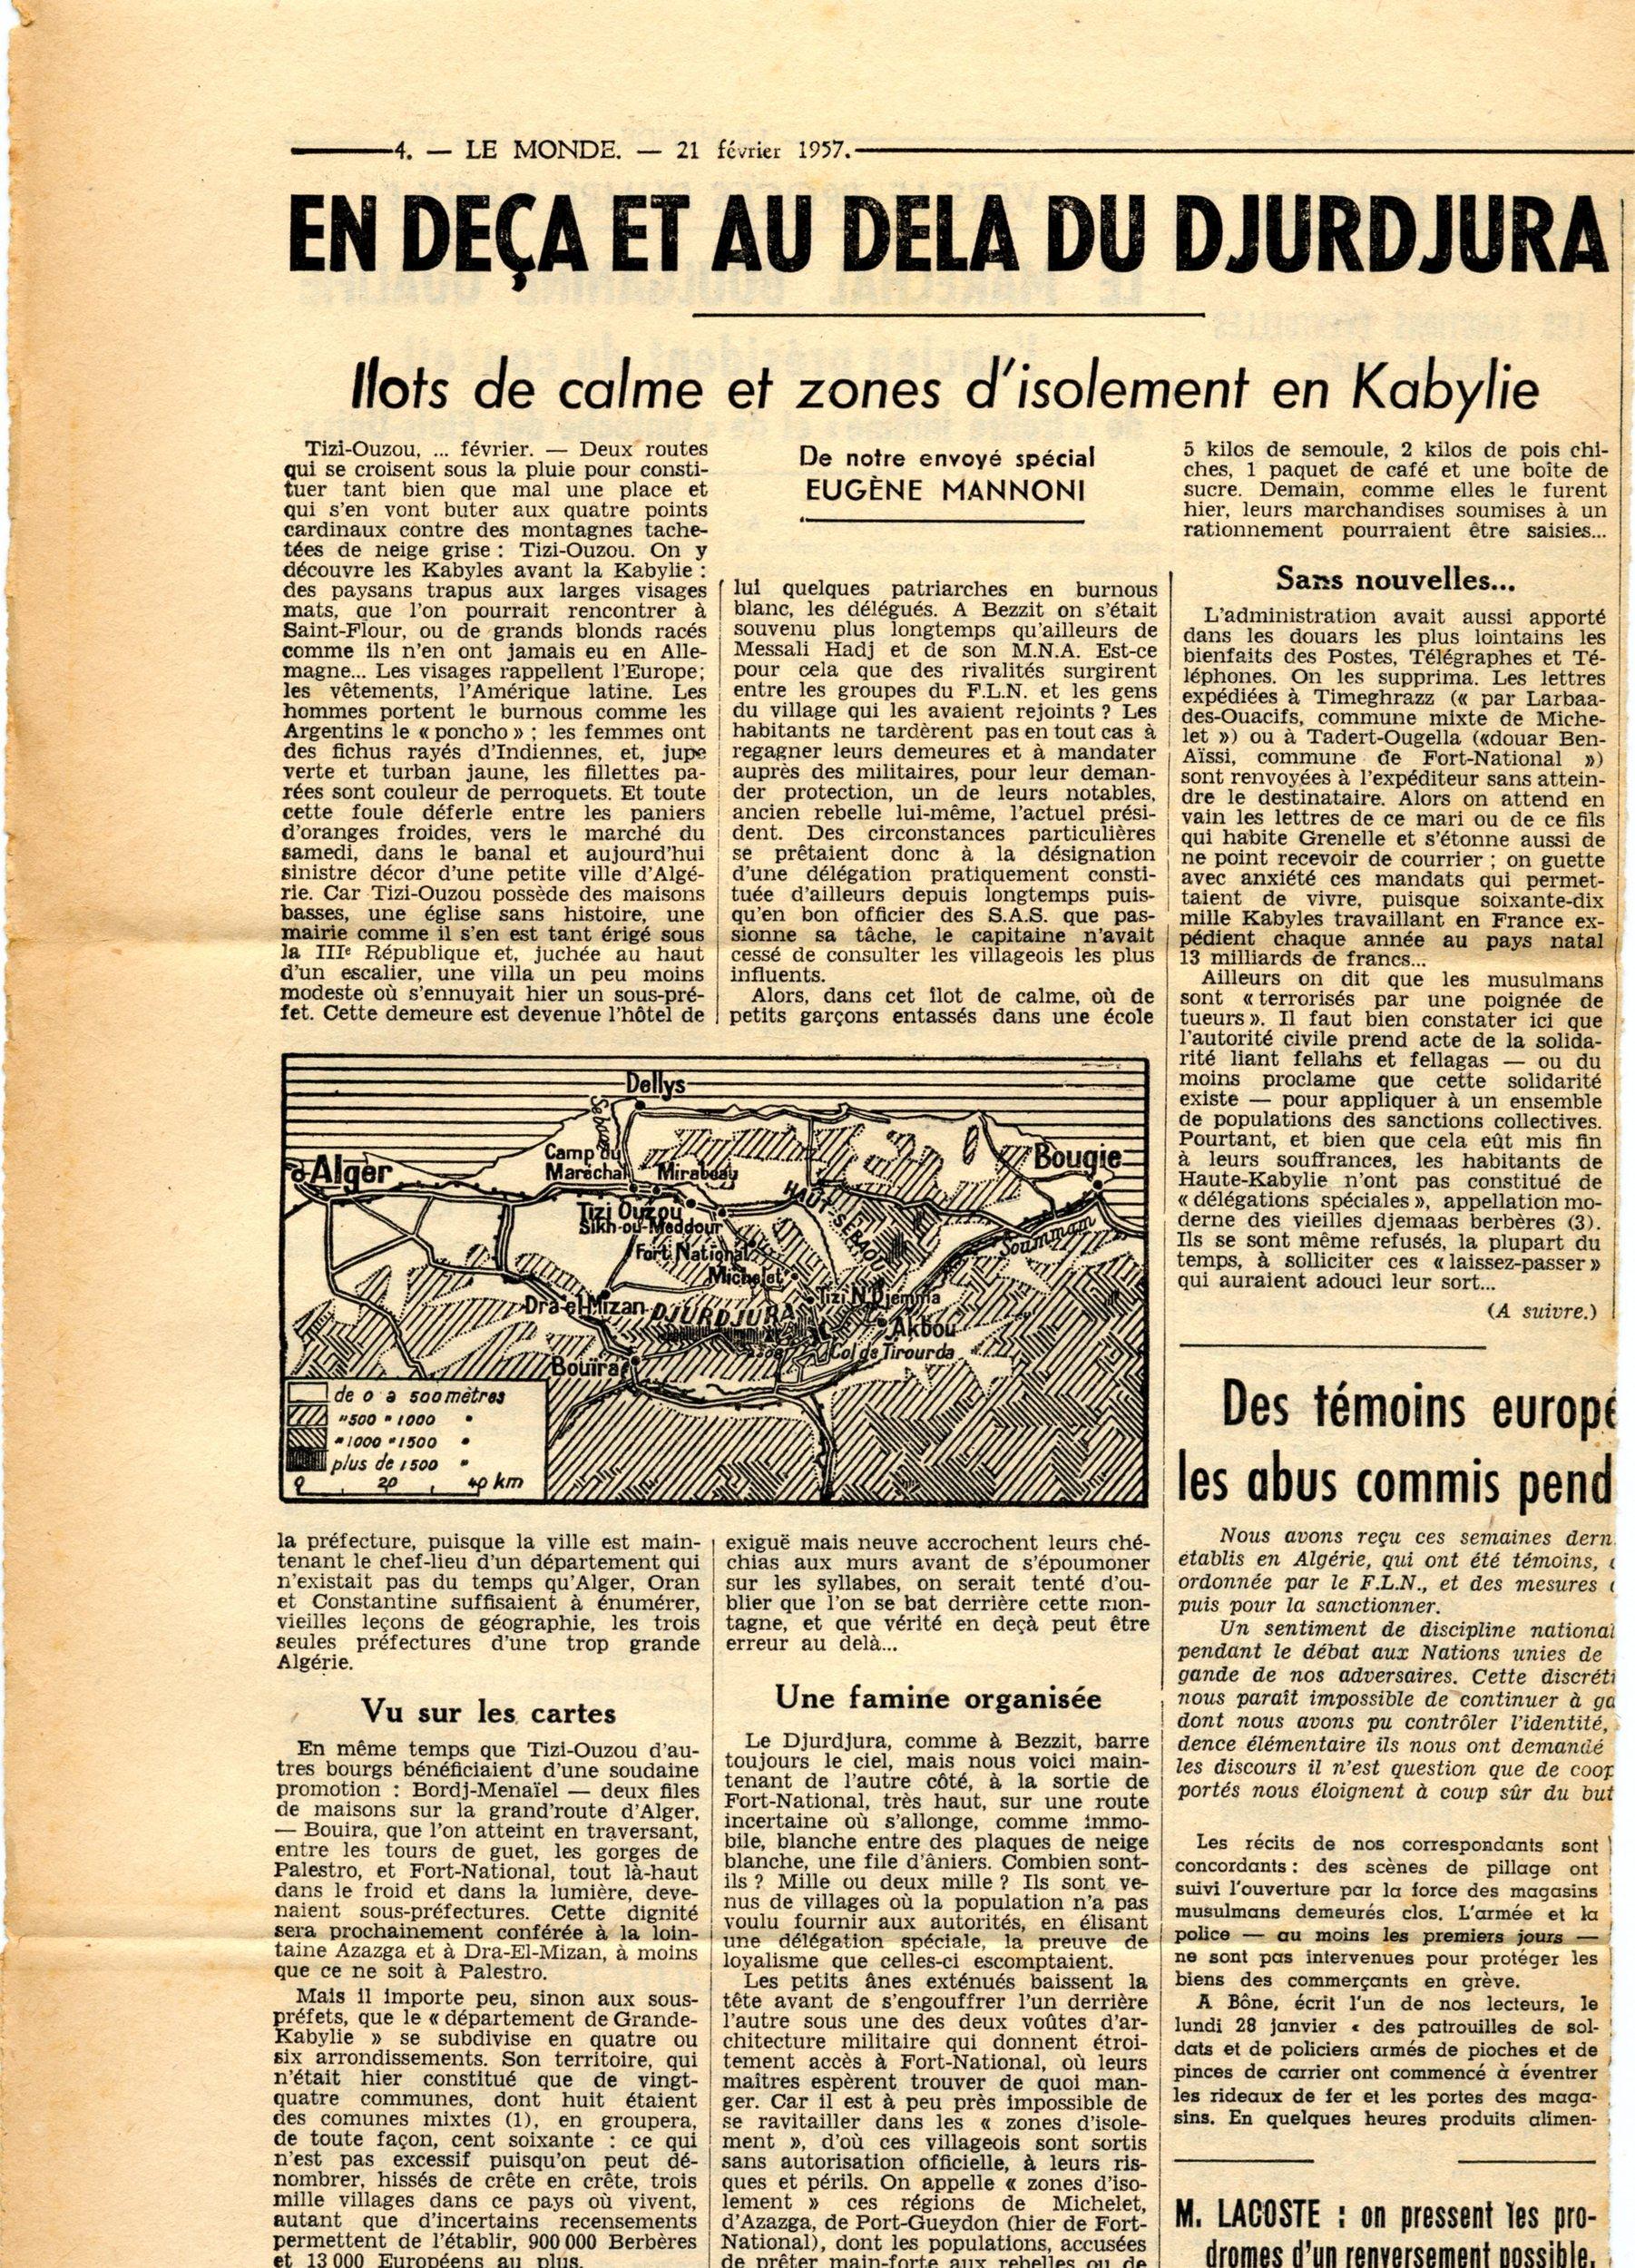 REC_MAN_JOUR10_journal le monde du 21 fev 1957.jpg